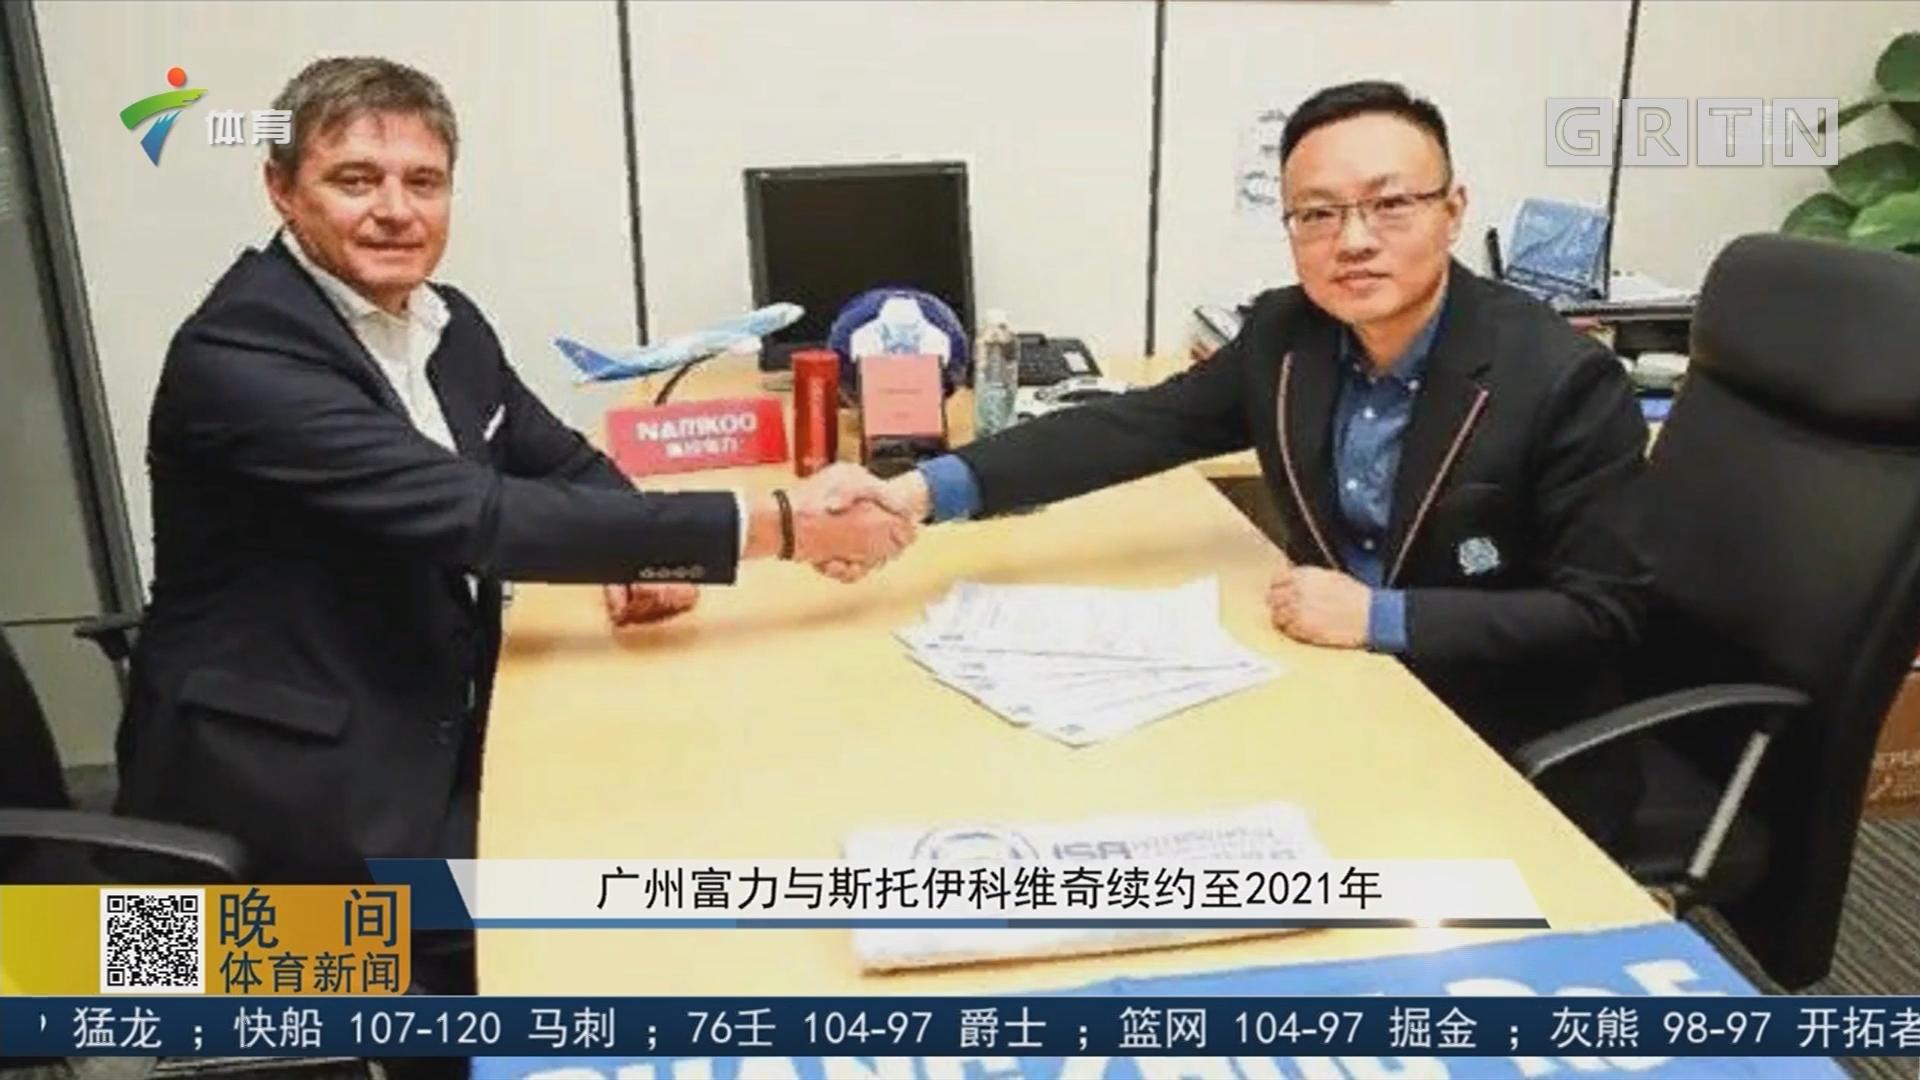 广州富力与斯托伊科维奇续约至2021年